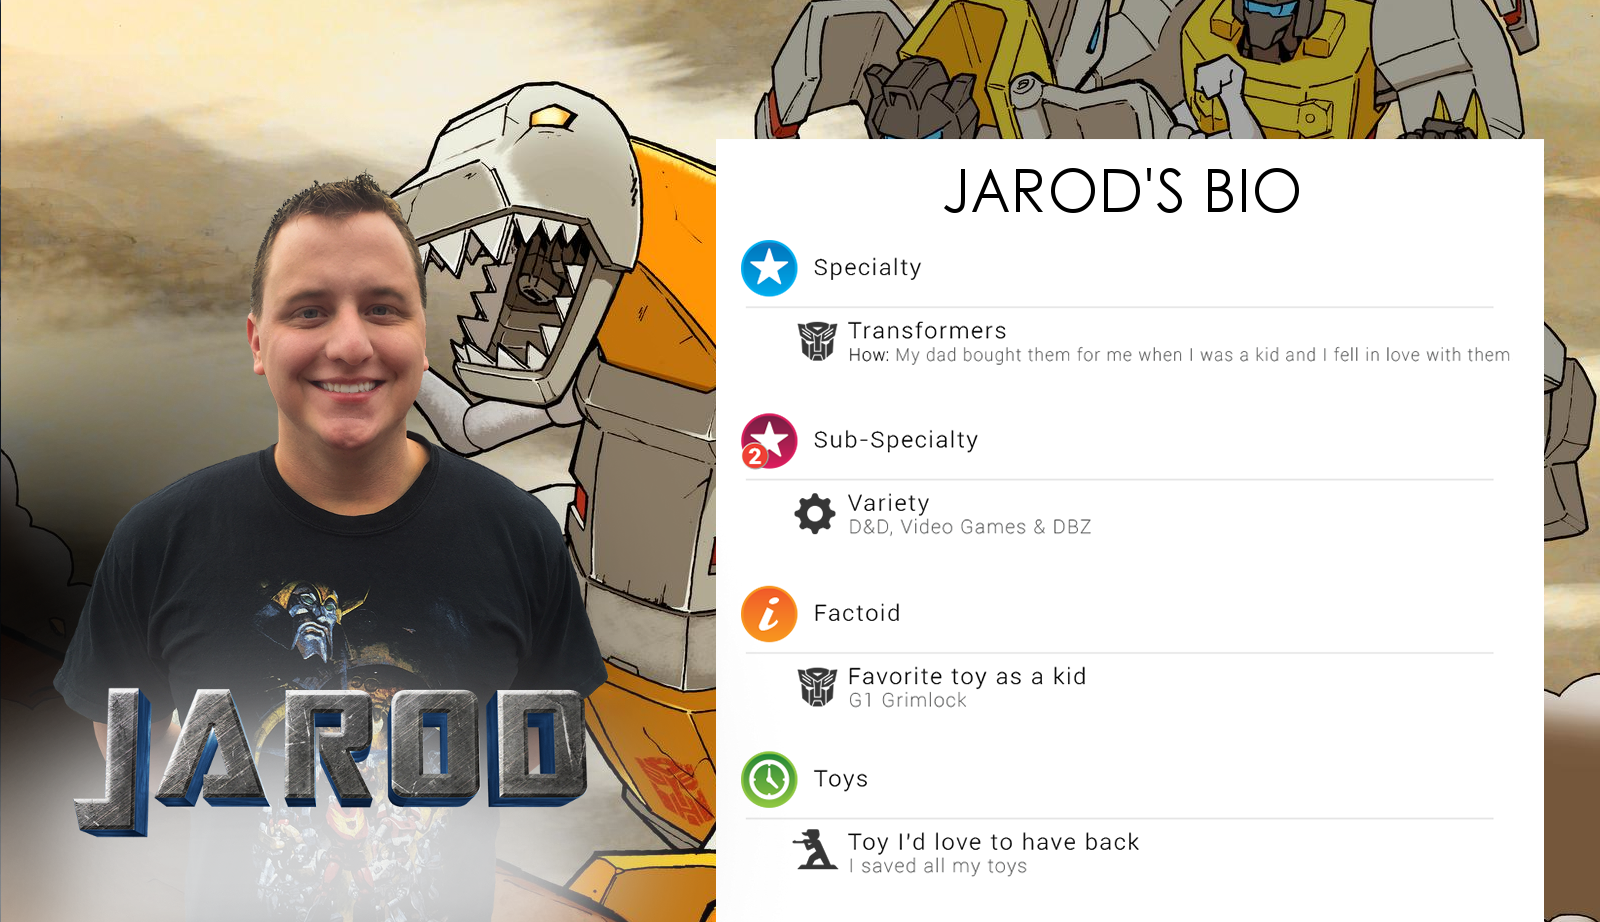 Jarod's Bio